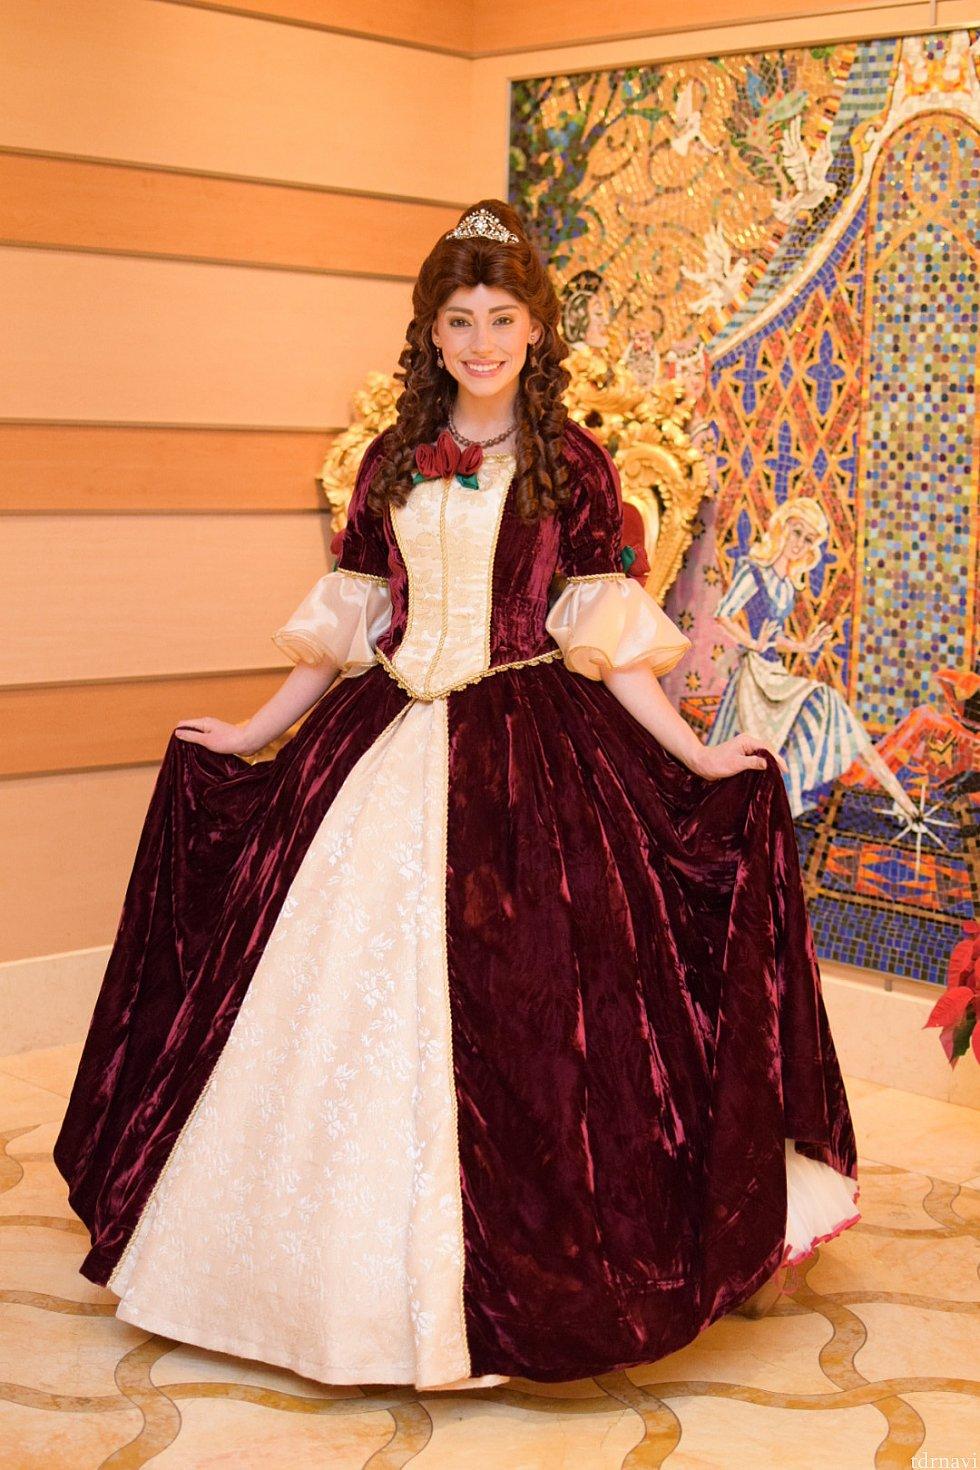 いつものイエローのドレスではなかったのでびっくり!生地はベロアでした。